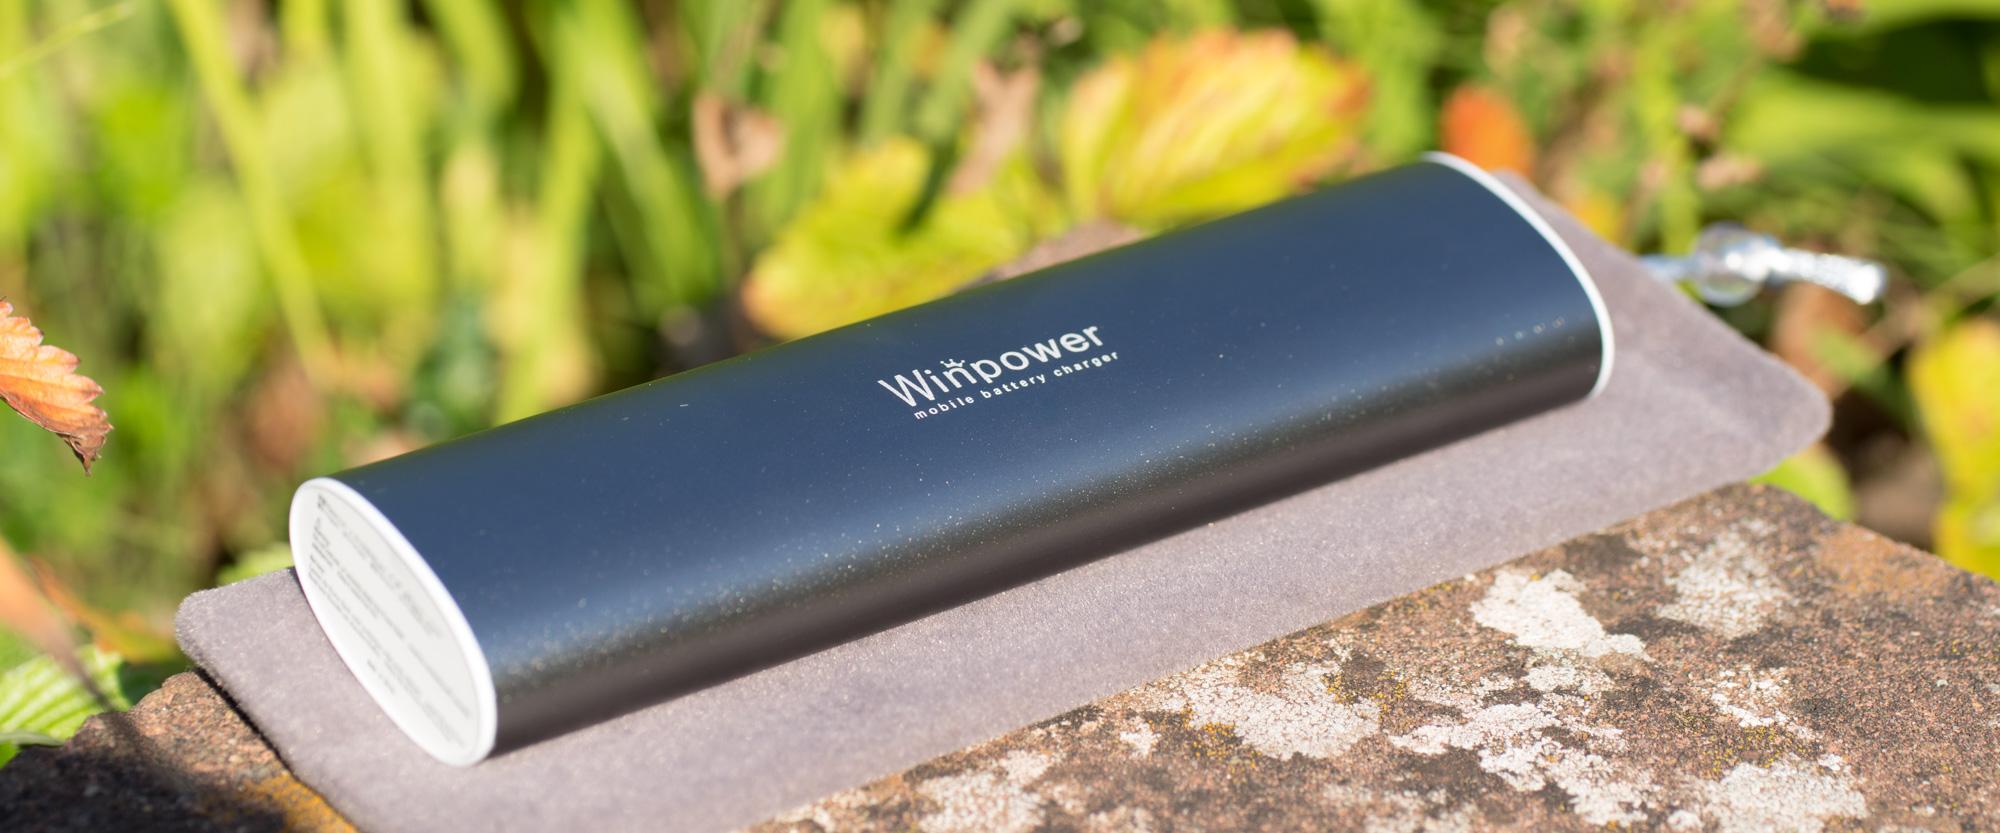 WINPOWER WT-P104A 10400mAh Powerbank